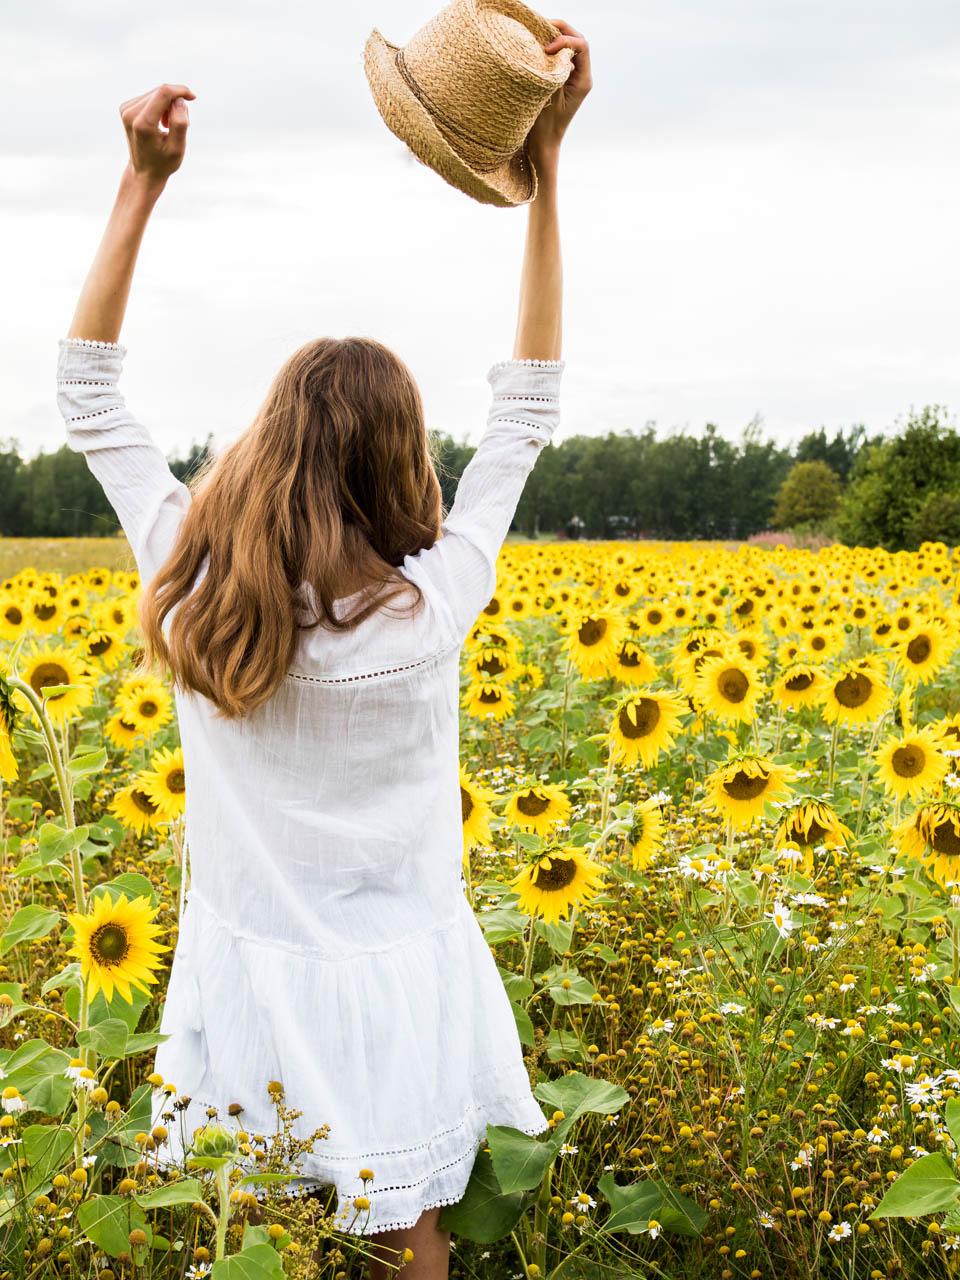 sunflower-field-photogrpahy-fashion-blogger-auringonkukkapelto-kesä-muotiblogi-bloggaaja